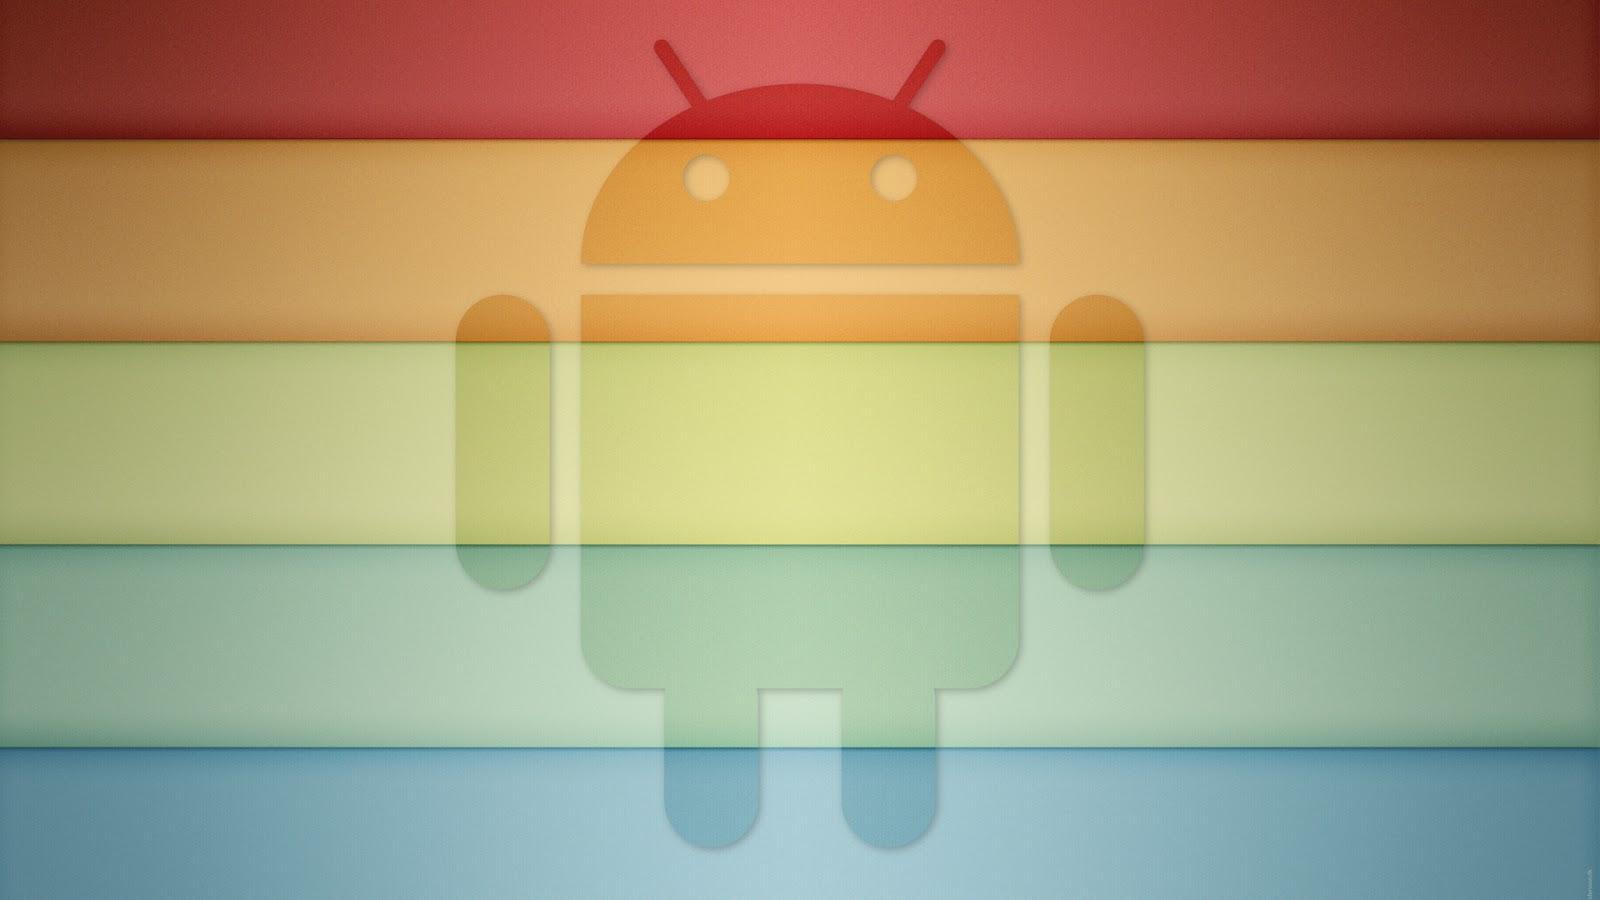 MM Eisenbahn Android App und Livehintergrund - Hintergrundbilder Hd Tablet